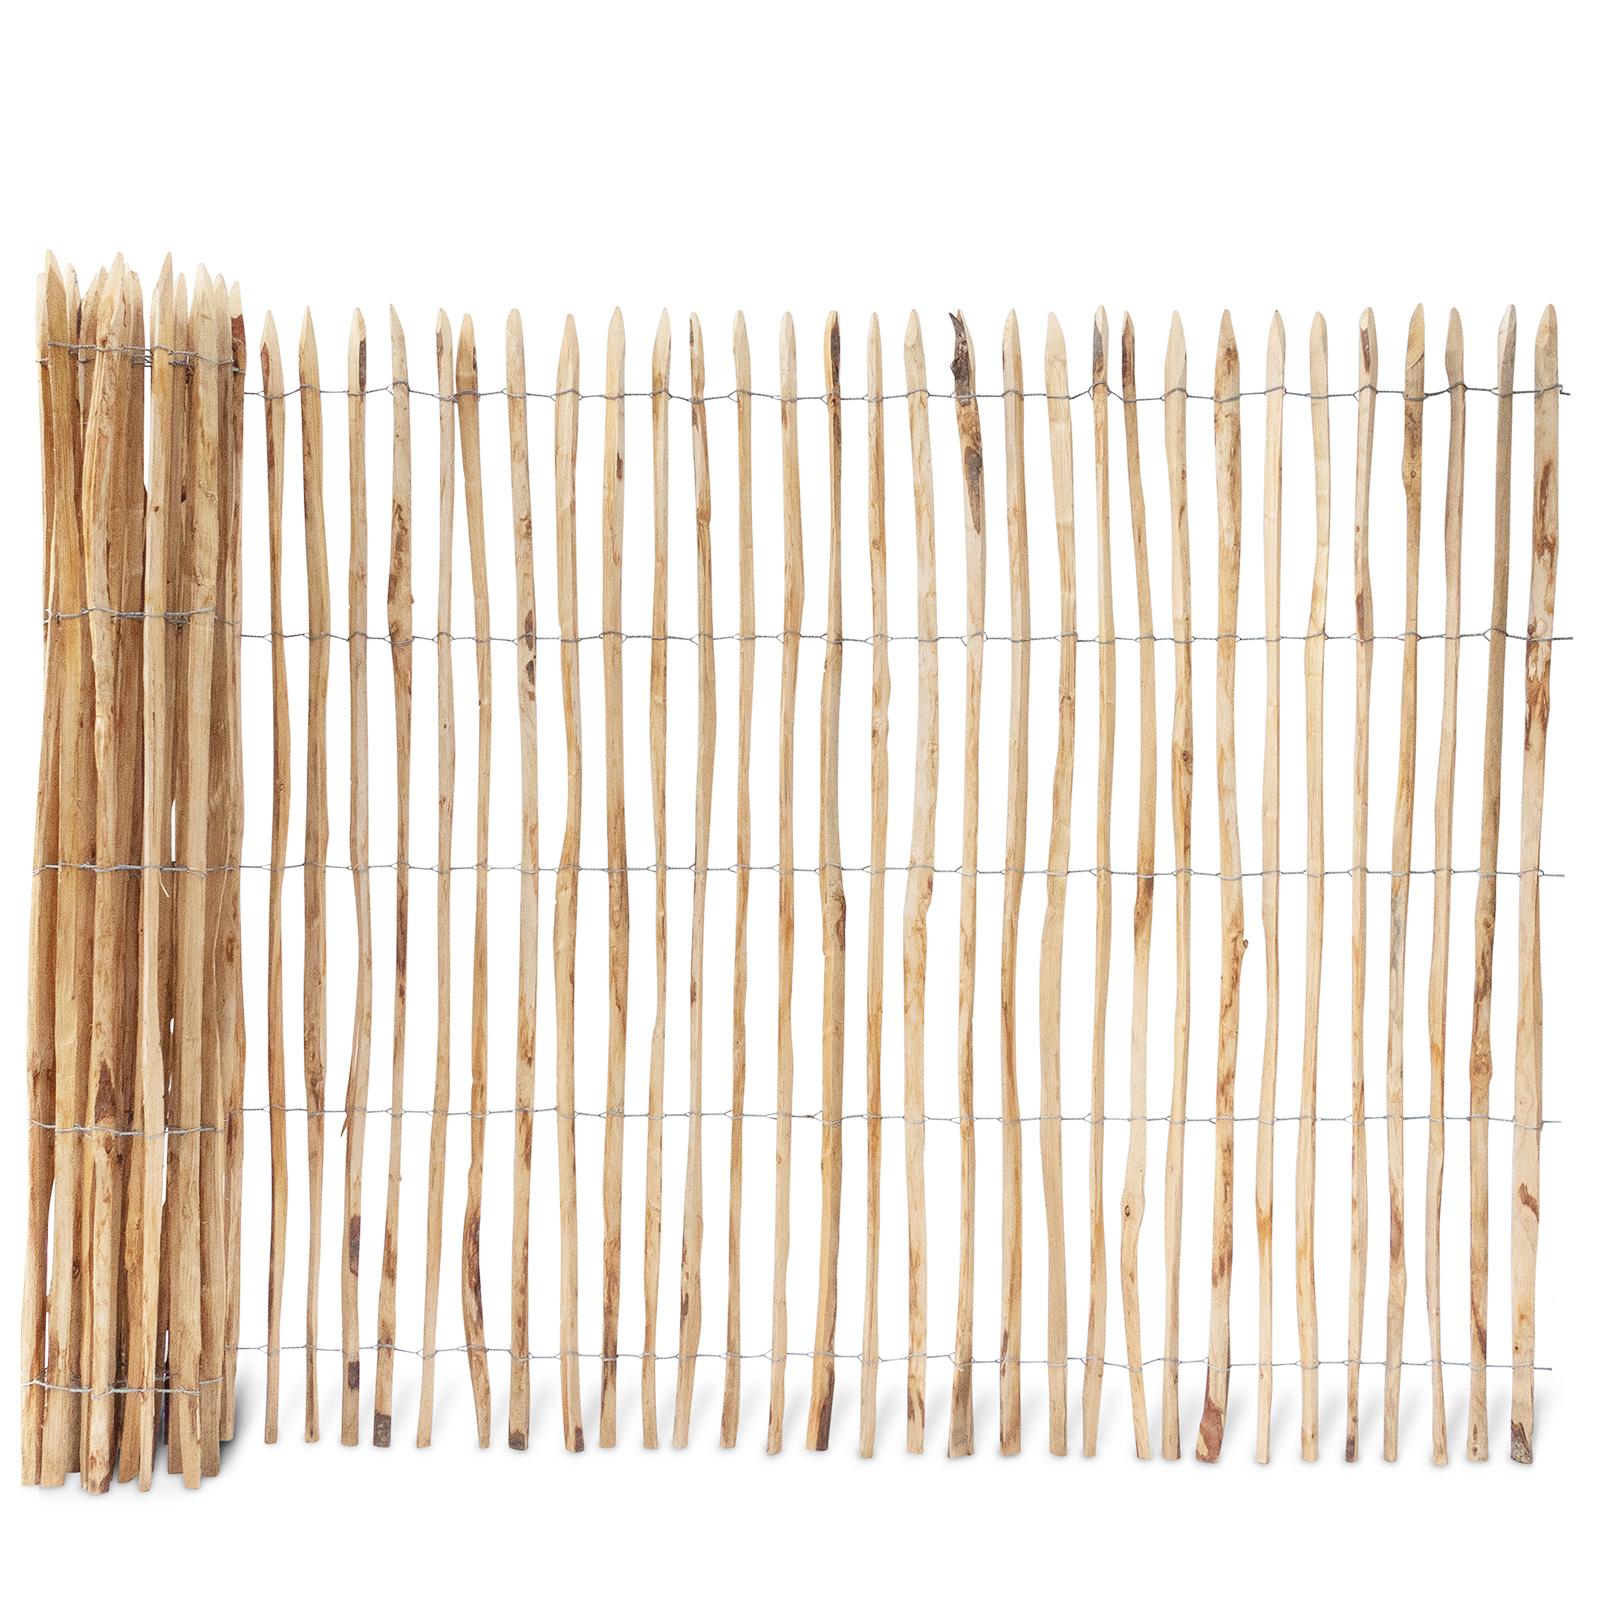 Französischer Staketenzaun aus Kastanienholz, 200 cm hoch mit einem Lattenabstand von 4-5 Zentimetern. Mit seinen angespitzten und verdrahteten Hölzern passt der schöne Zaun in jede Umgebung. Ganz ohne Pflege hält der natürliche Gartenzaun rund 20 Jahre.